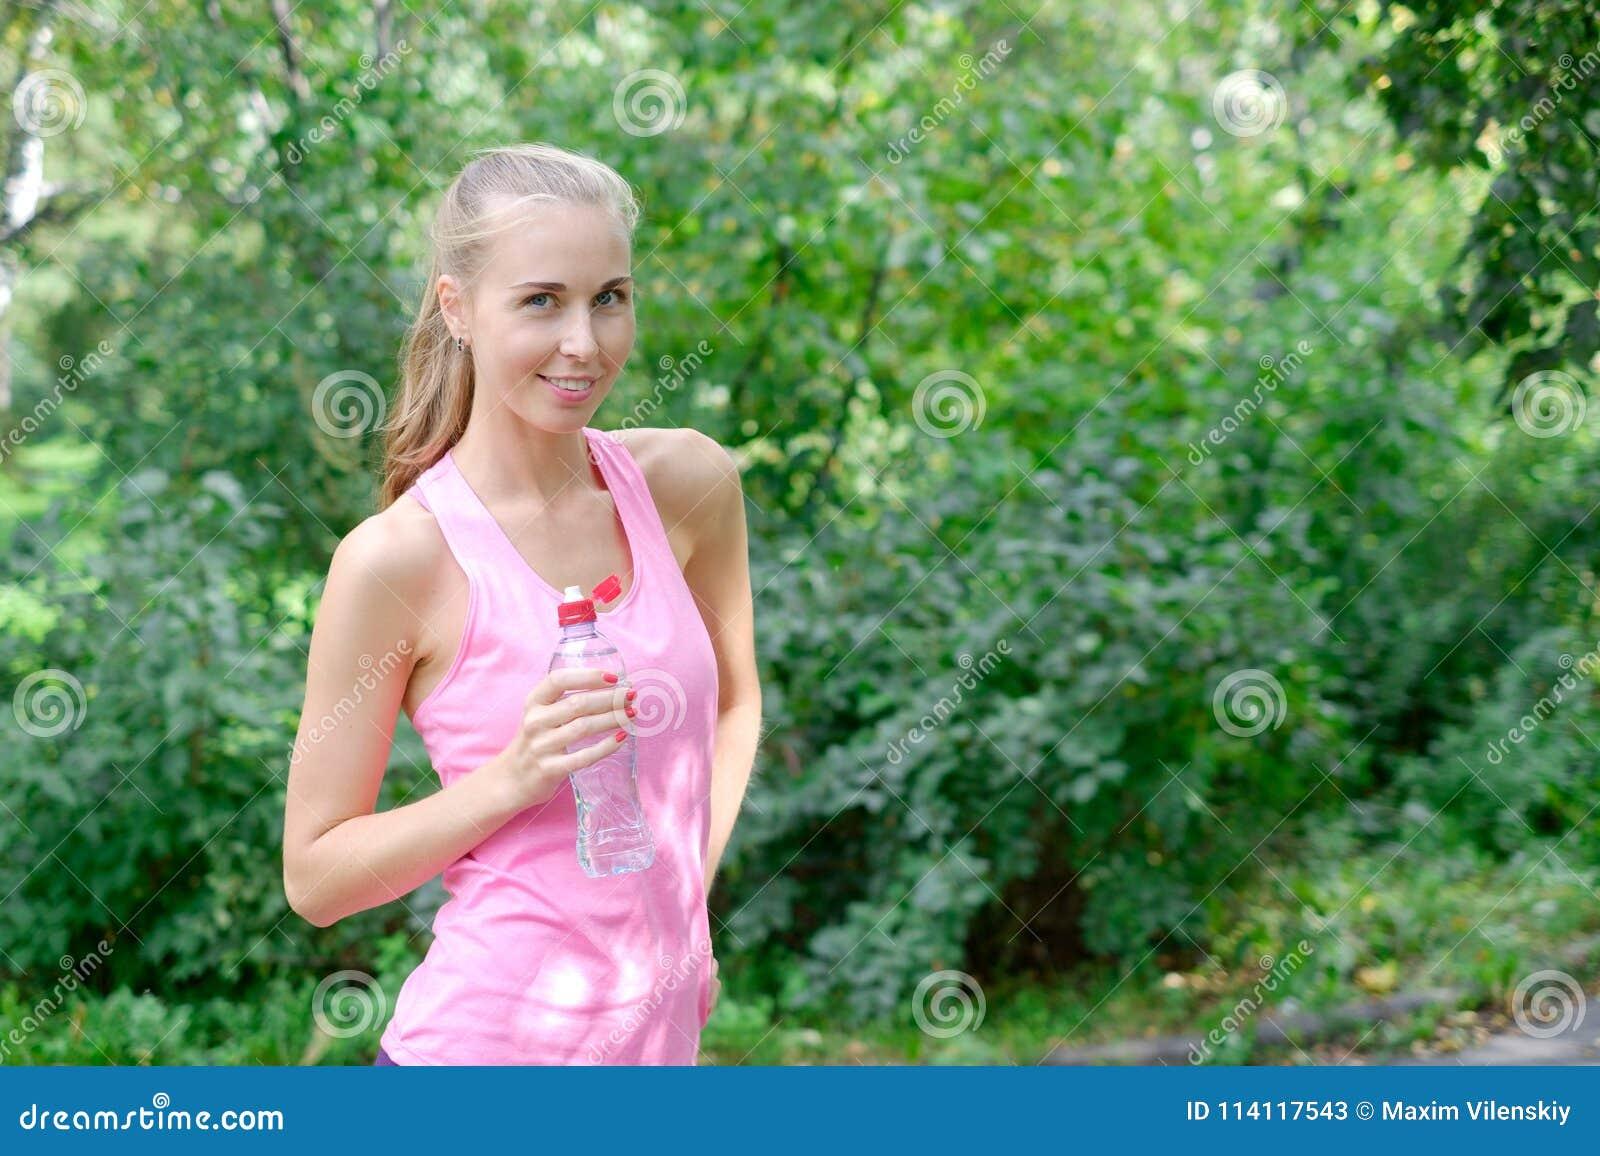 Sportief jong vrouwen drinkwater van de fles Doend Sport Openlucht